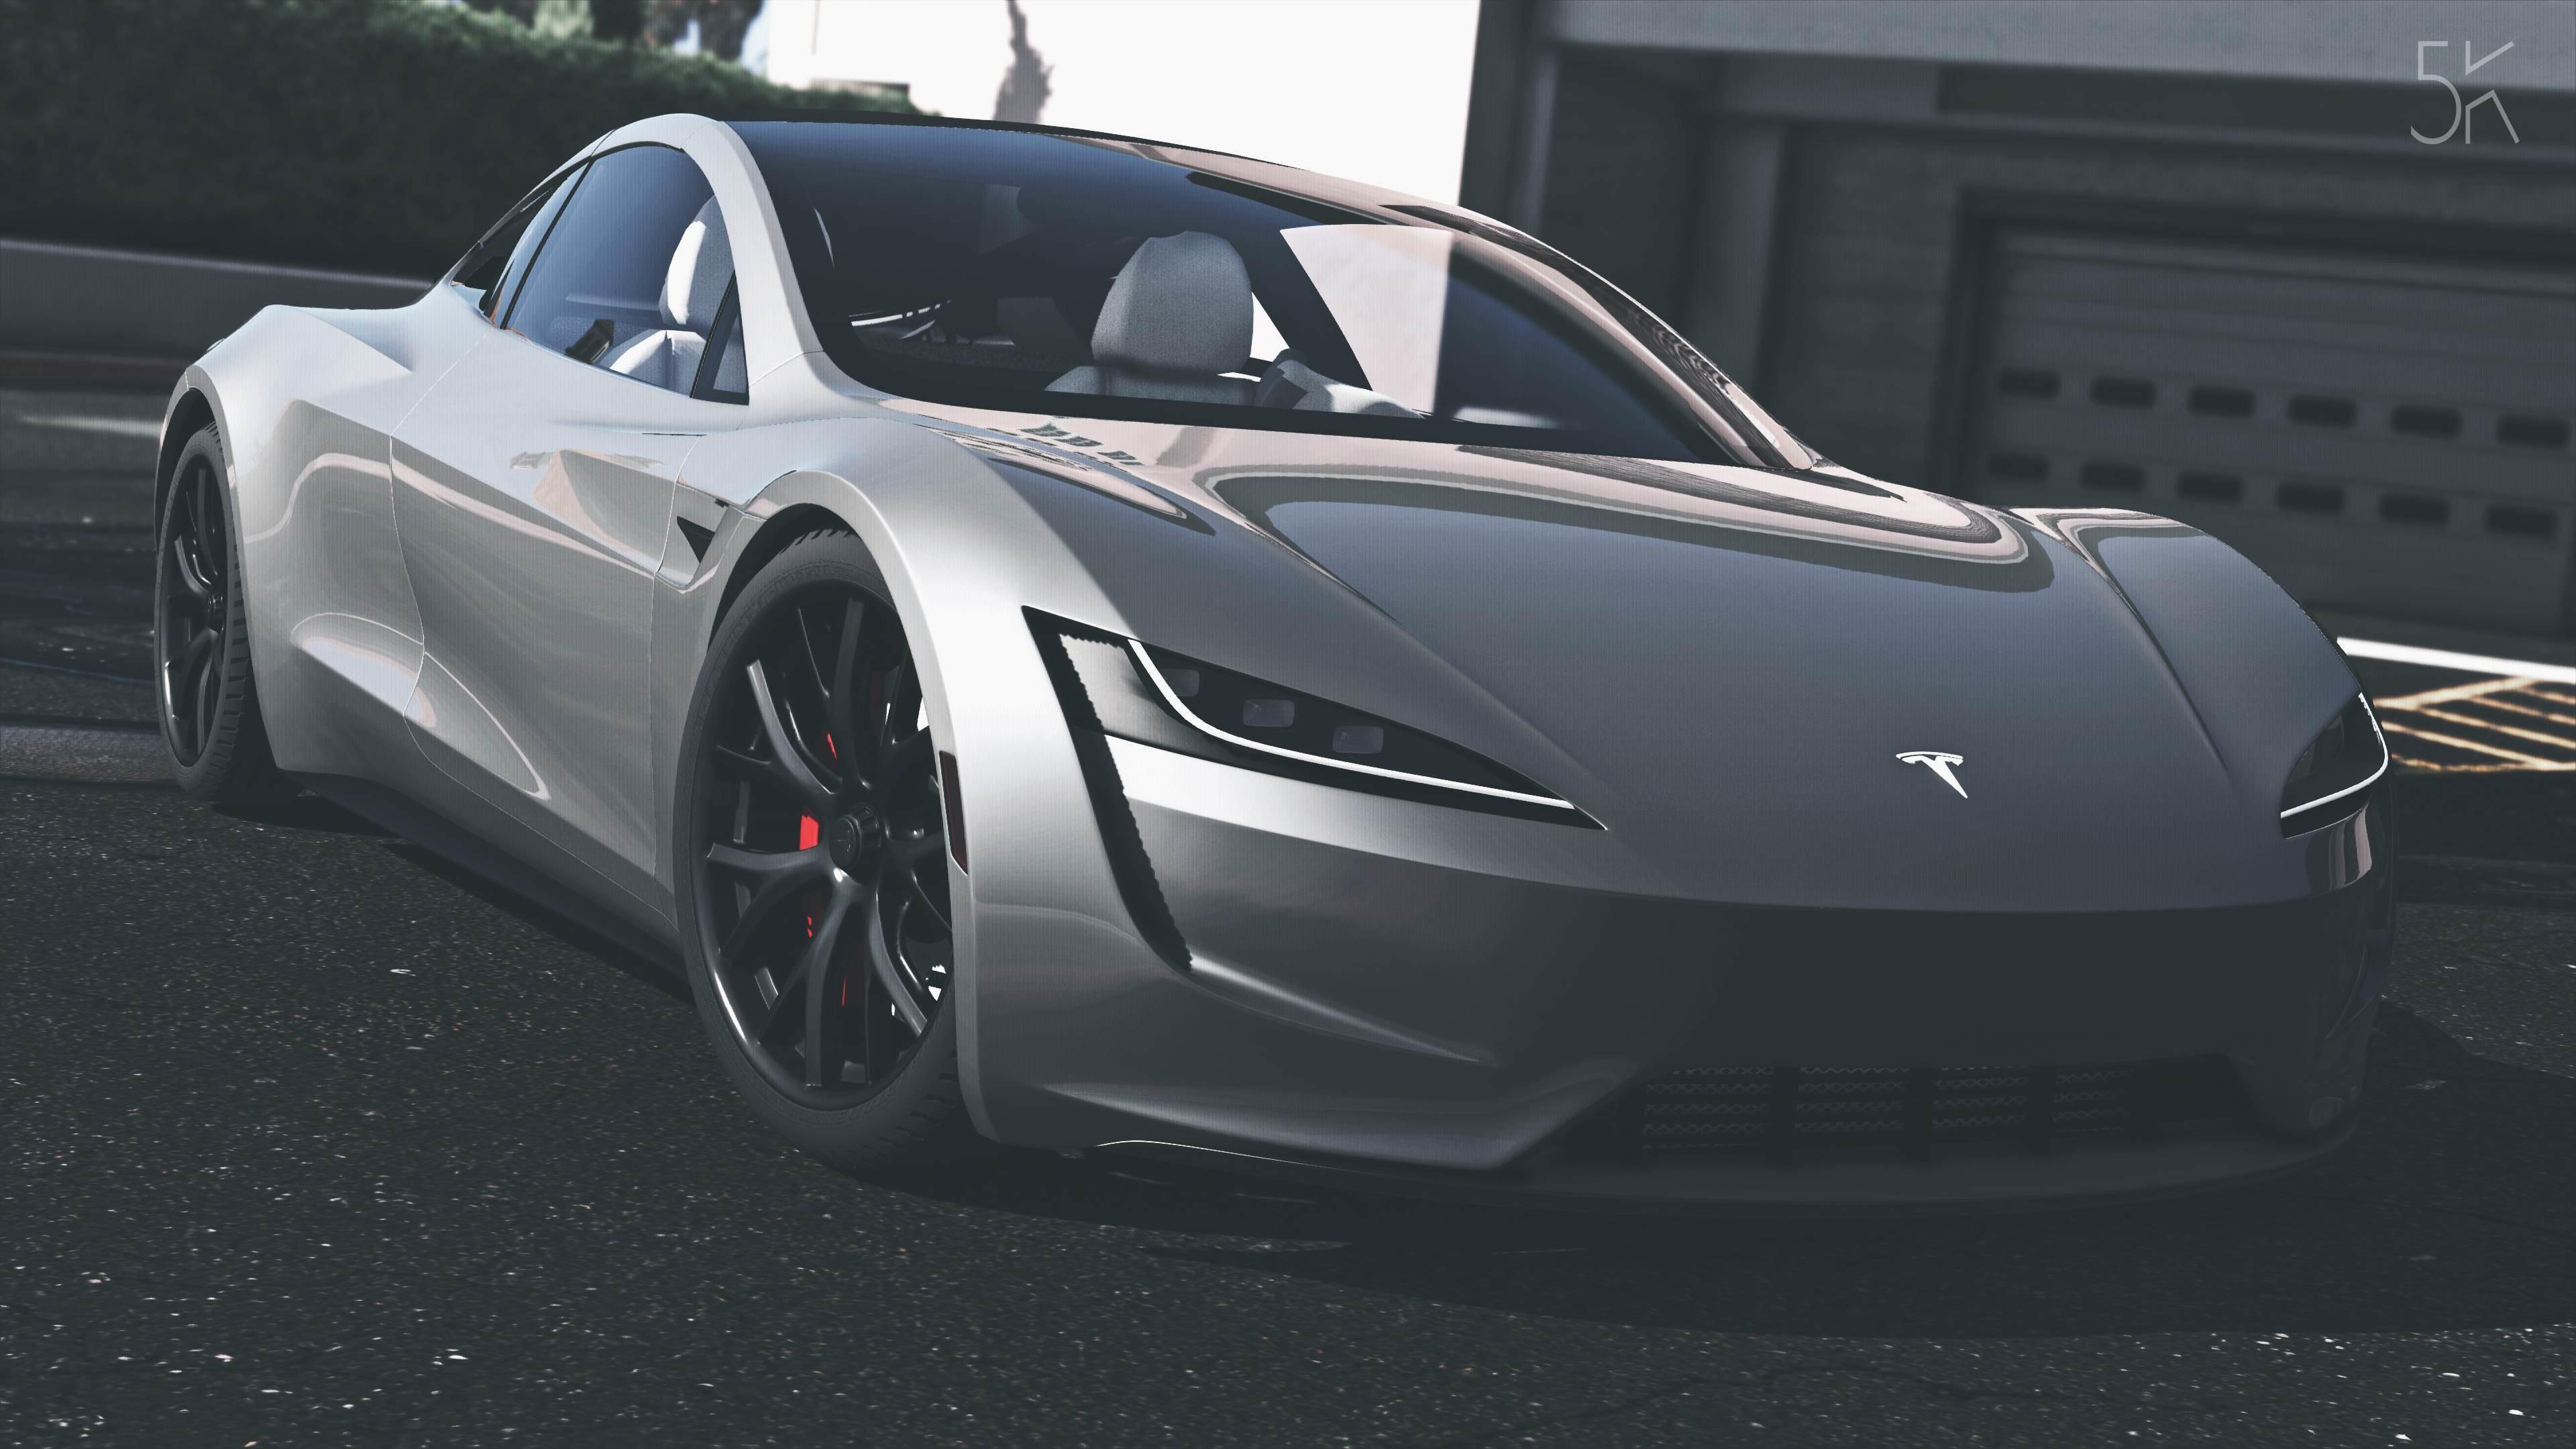 wallpaper tesla roadster, gta 5, 2020 cars, electric car, 4k, games